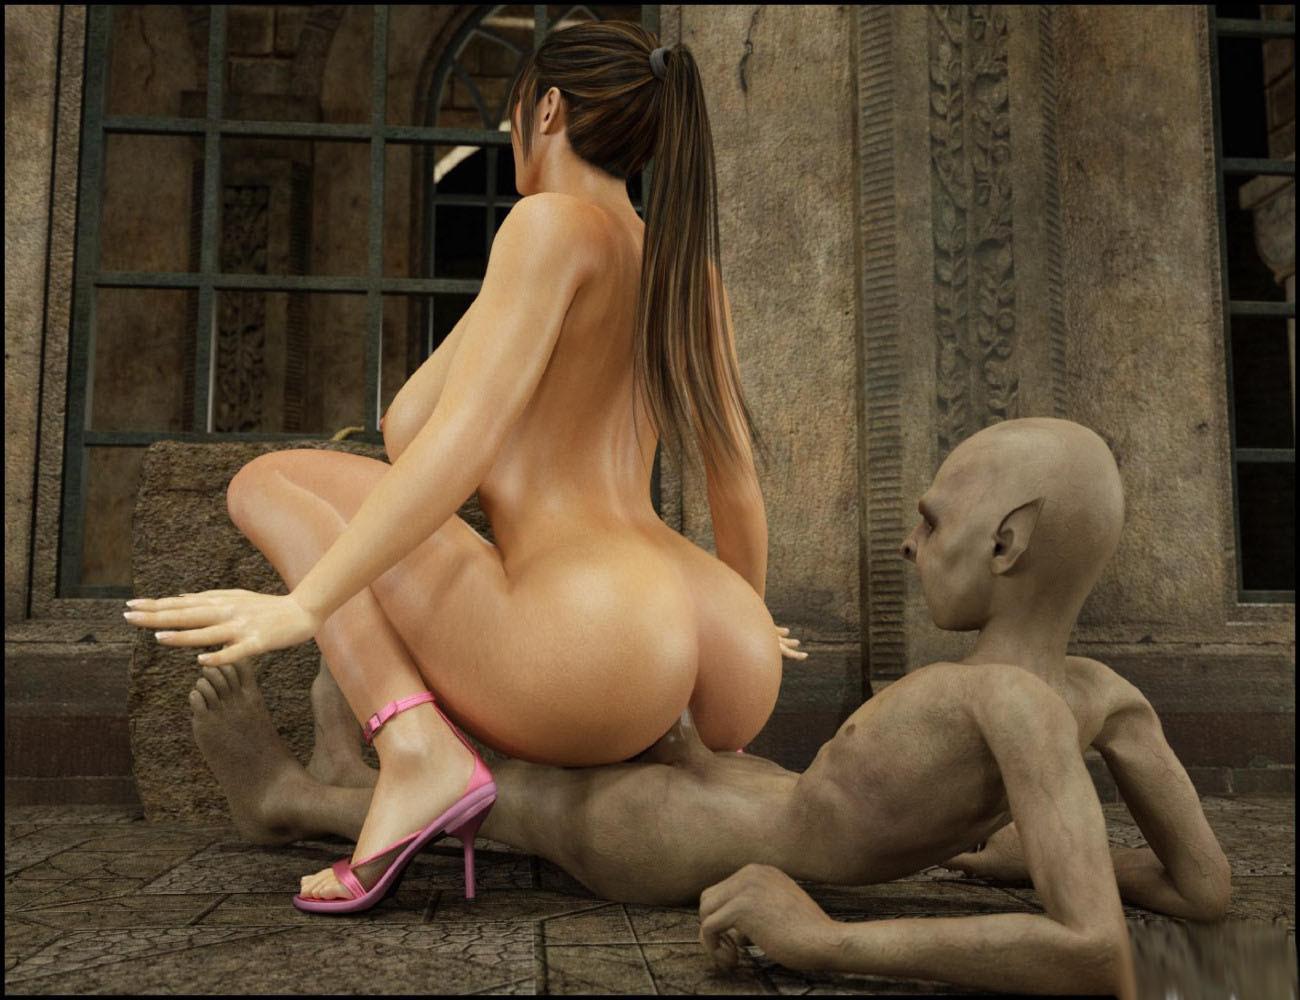 nude-teen-monster-sex-ass-claudia-ciesla-nude-sex-gif-photos